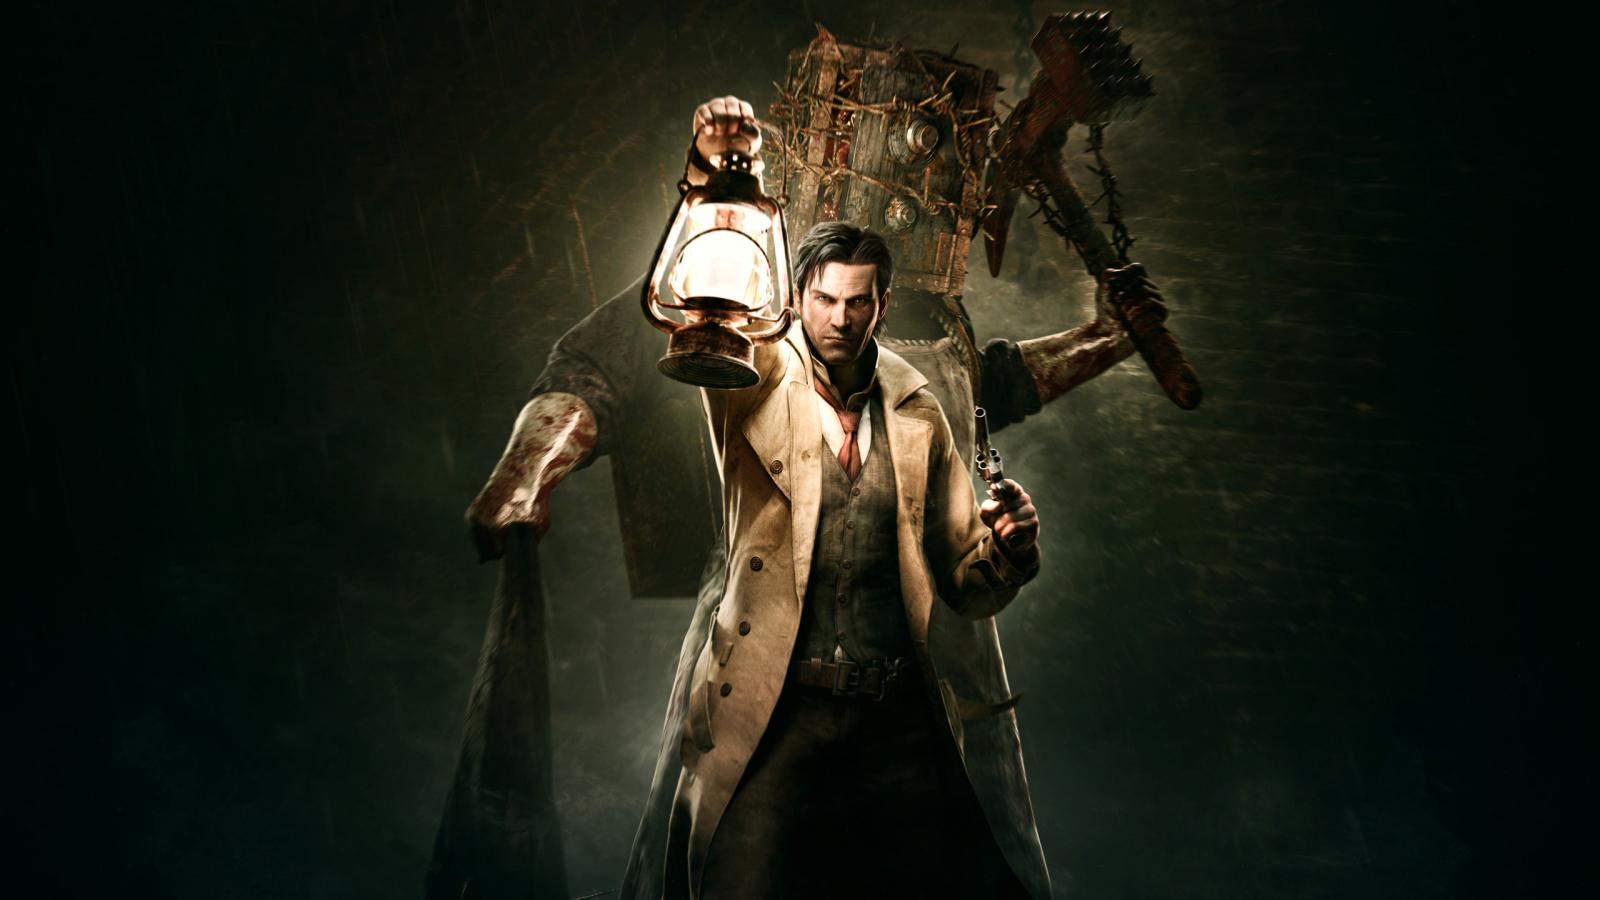 Создатель The Evil Within согласится вновь возглавить разработку игры лишь при полной творческой свободе